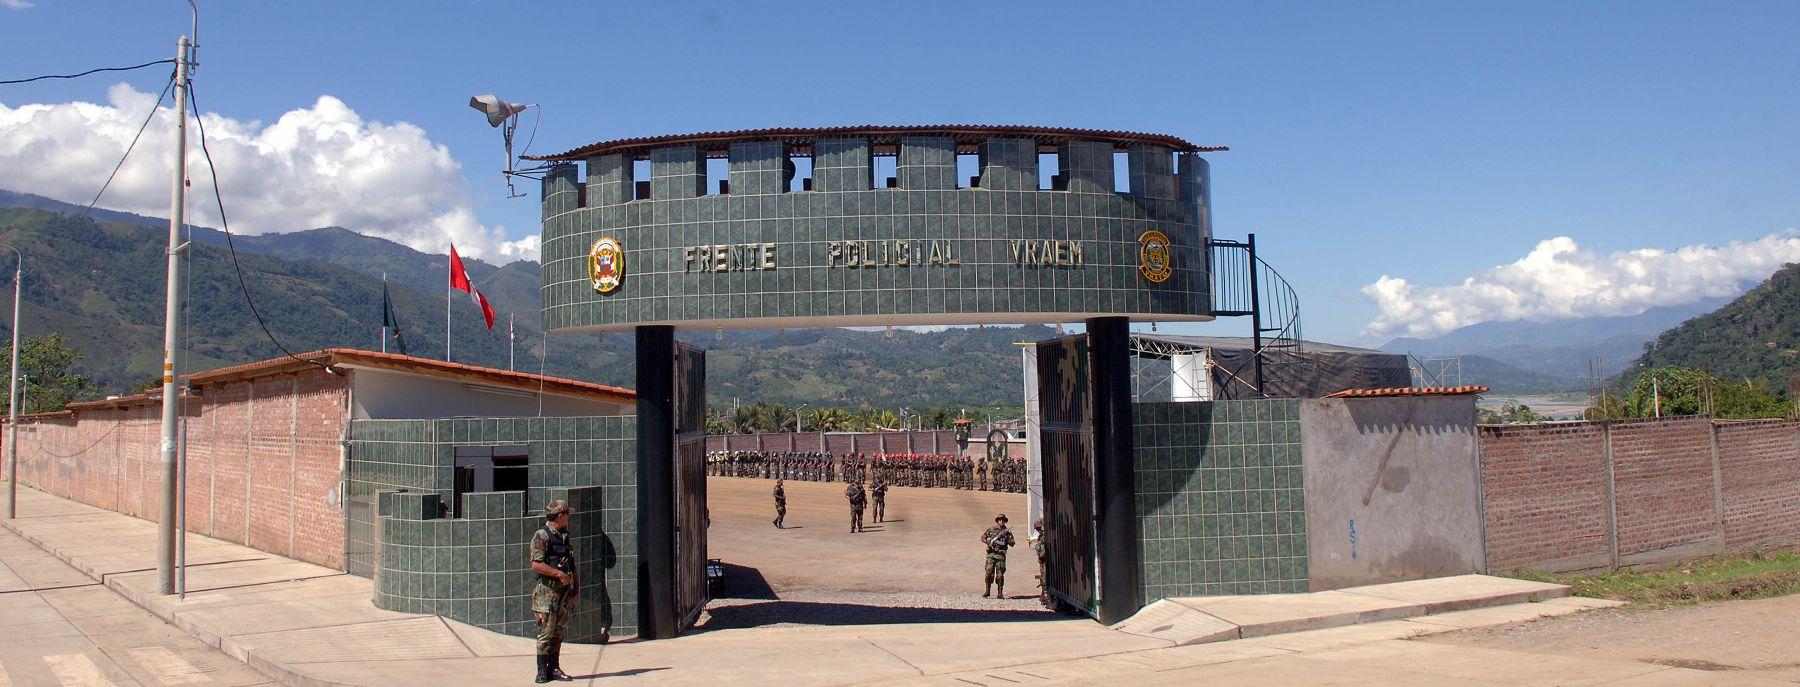 Ministro del interior inaugur nuevo complejo policial en for Nuevo ministro del interior peru